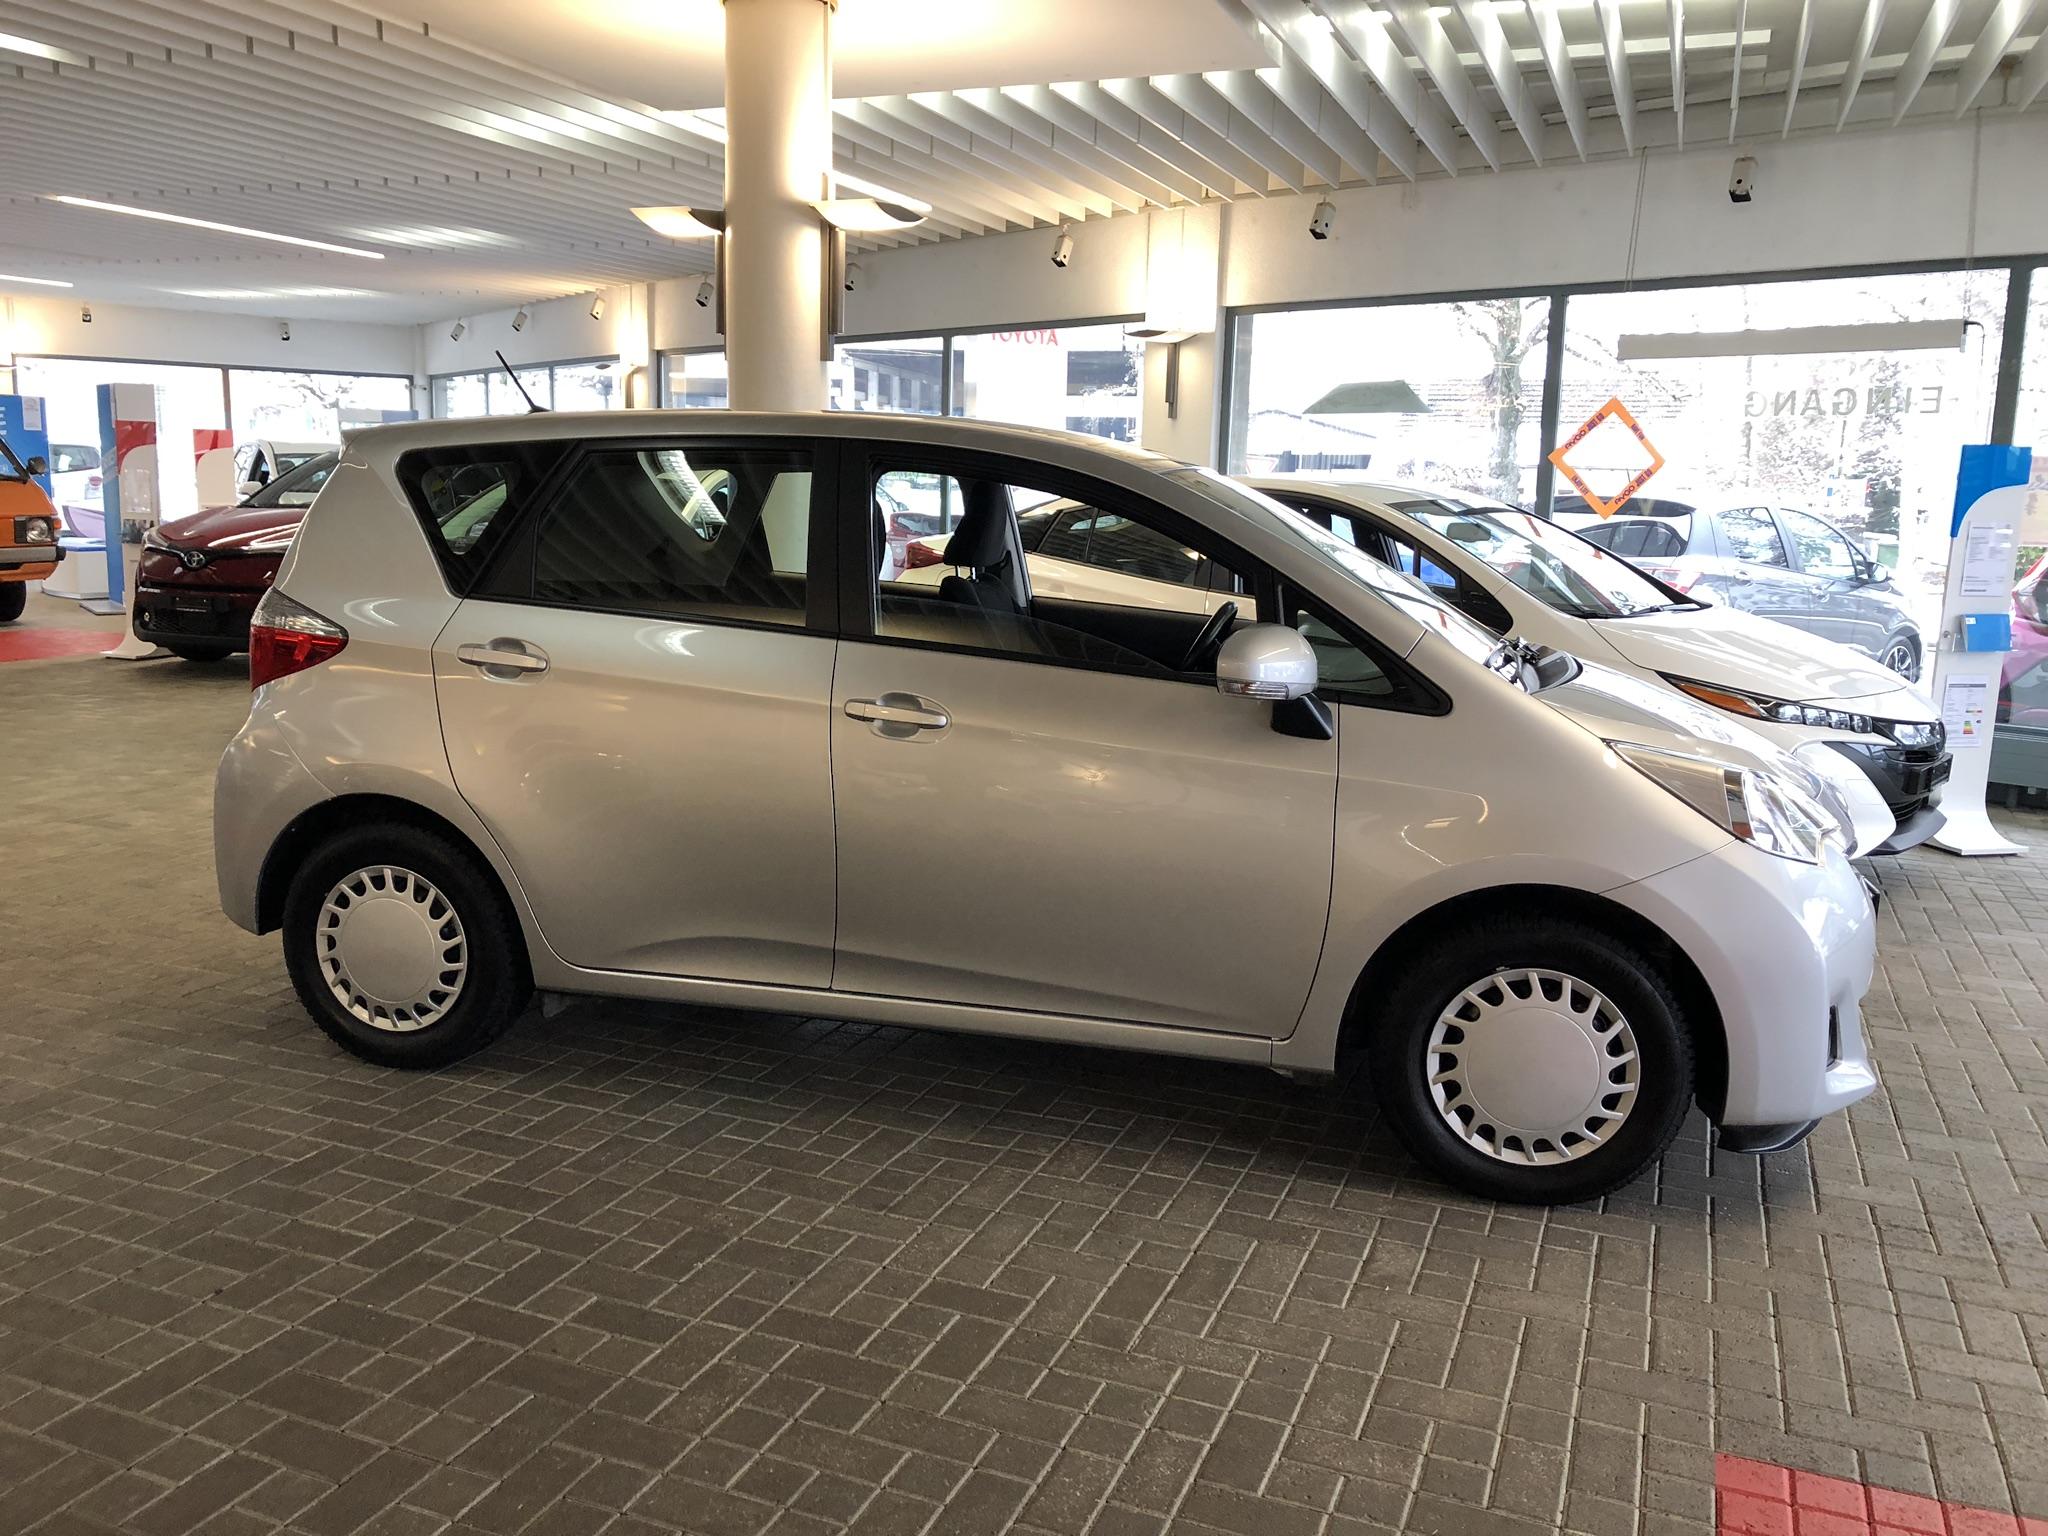 Der Toyota Verso S ist der gute Kompromiss: nicht zu gross zum Fahren, genug gross für meine Box